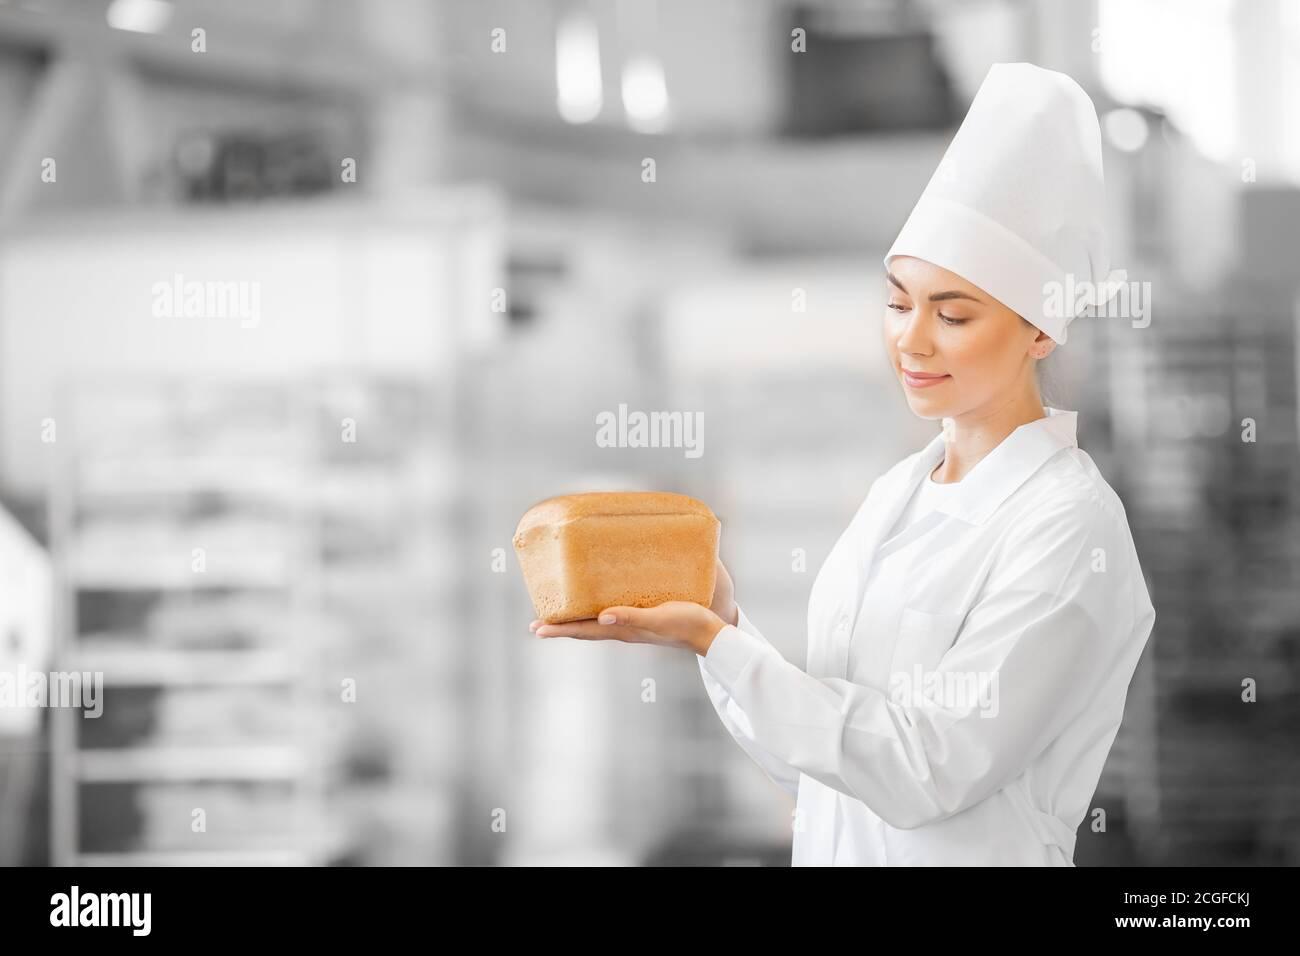 Femme boulangère en uniforme blanc tenant le pain de baguette chaud dans les mains à la boulangerie, fond de la chaîne de production alimentaire Banque D'Images